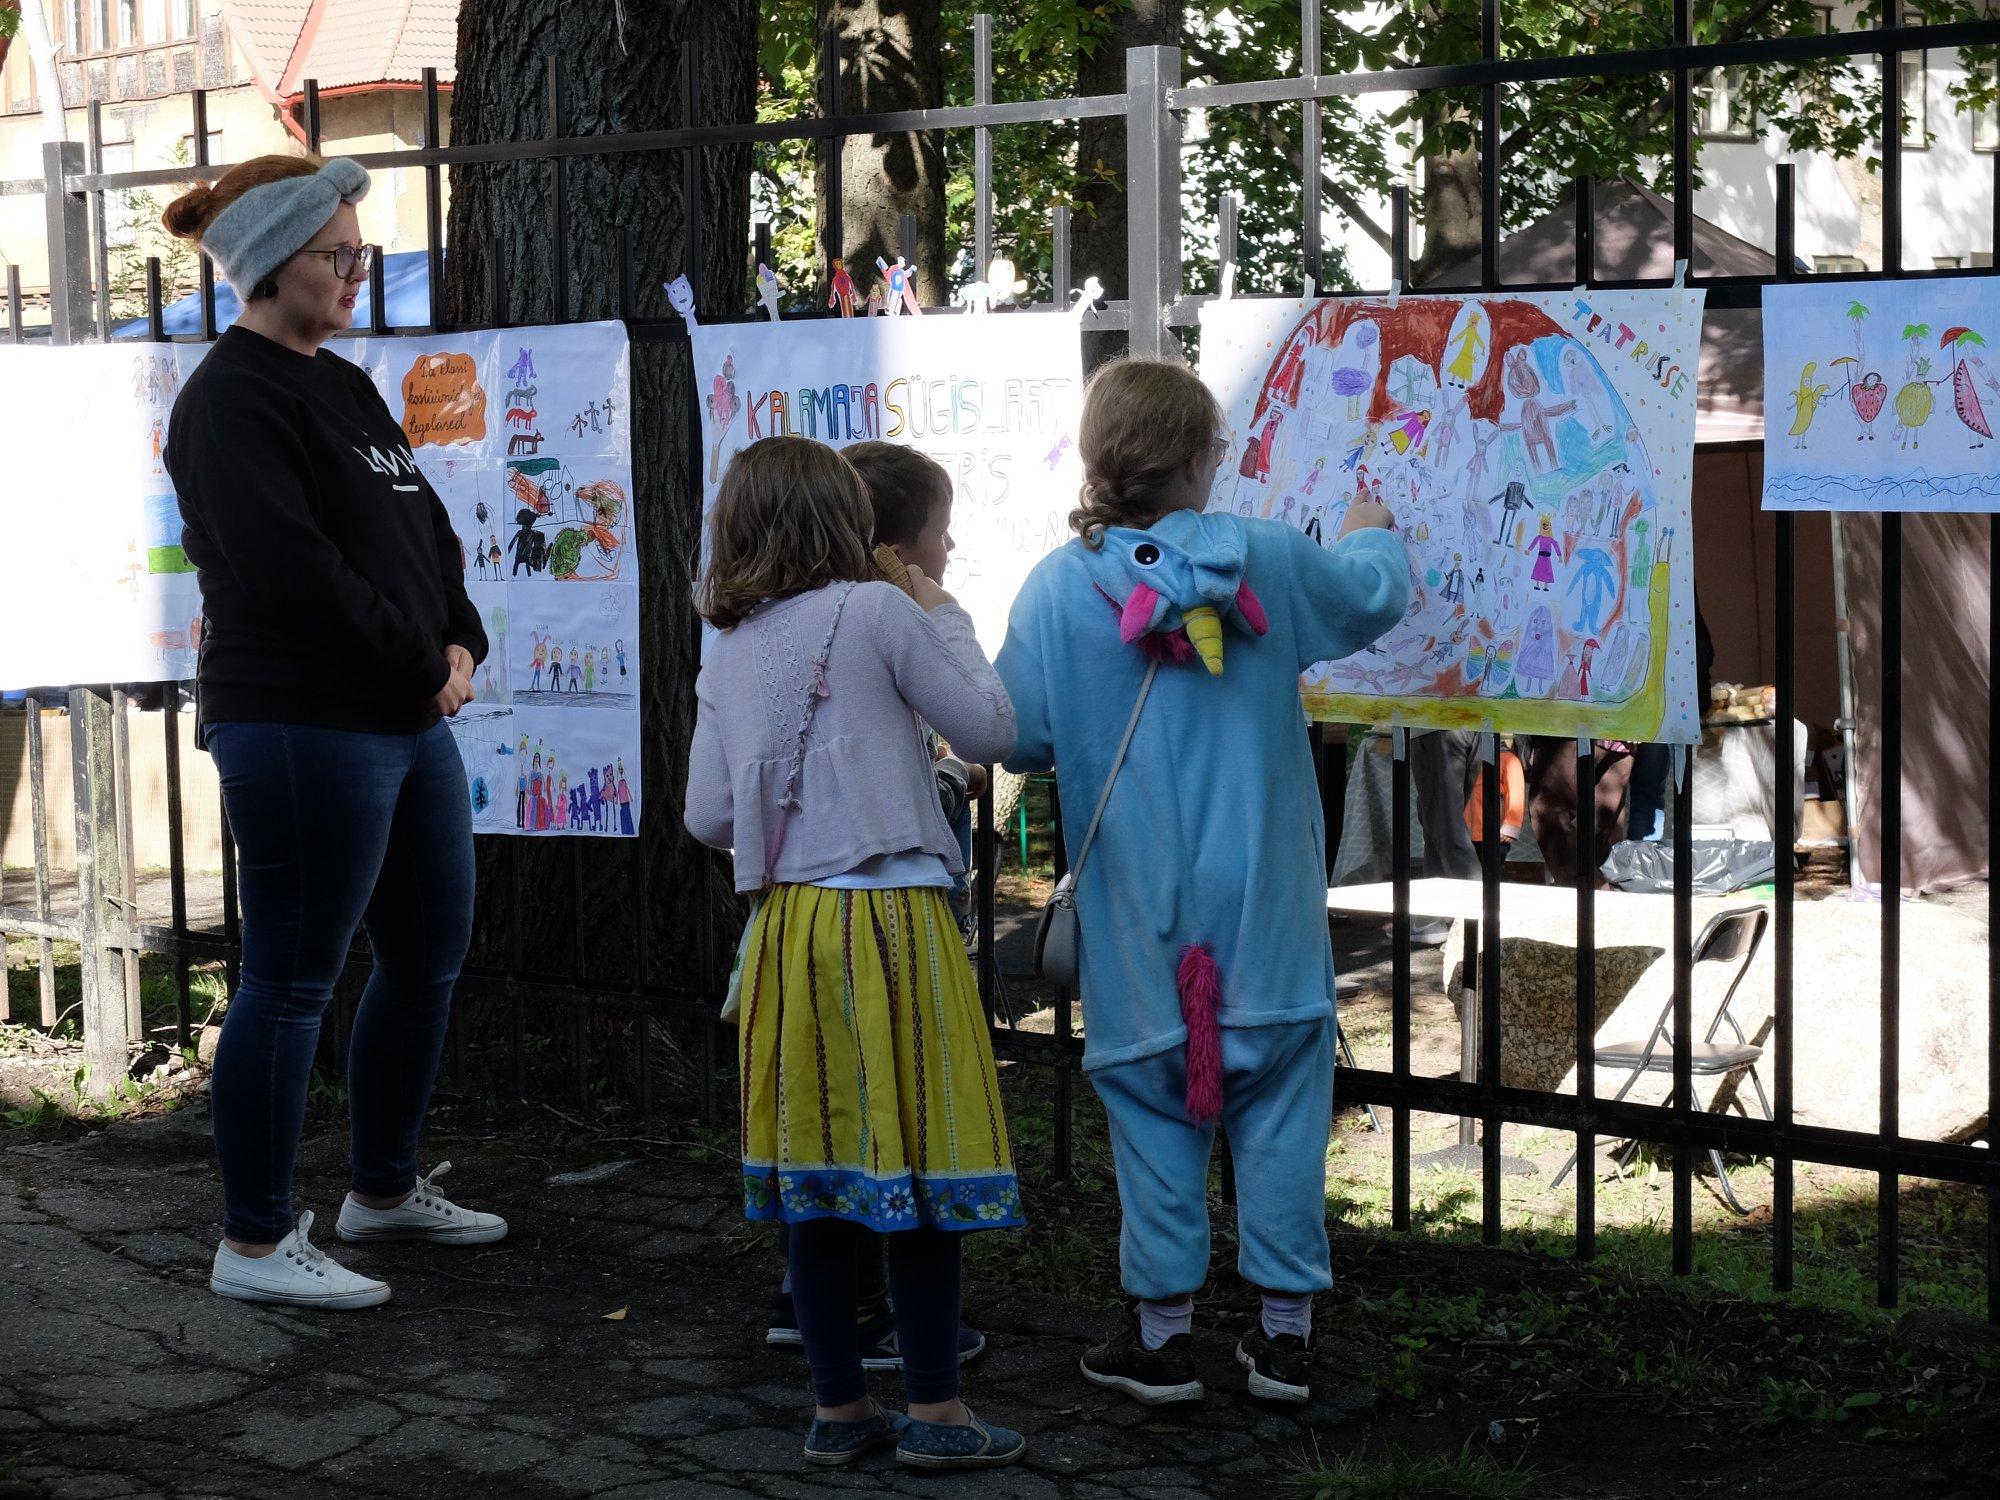 Noored kunstnikud oma toid vaatamas